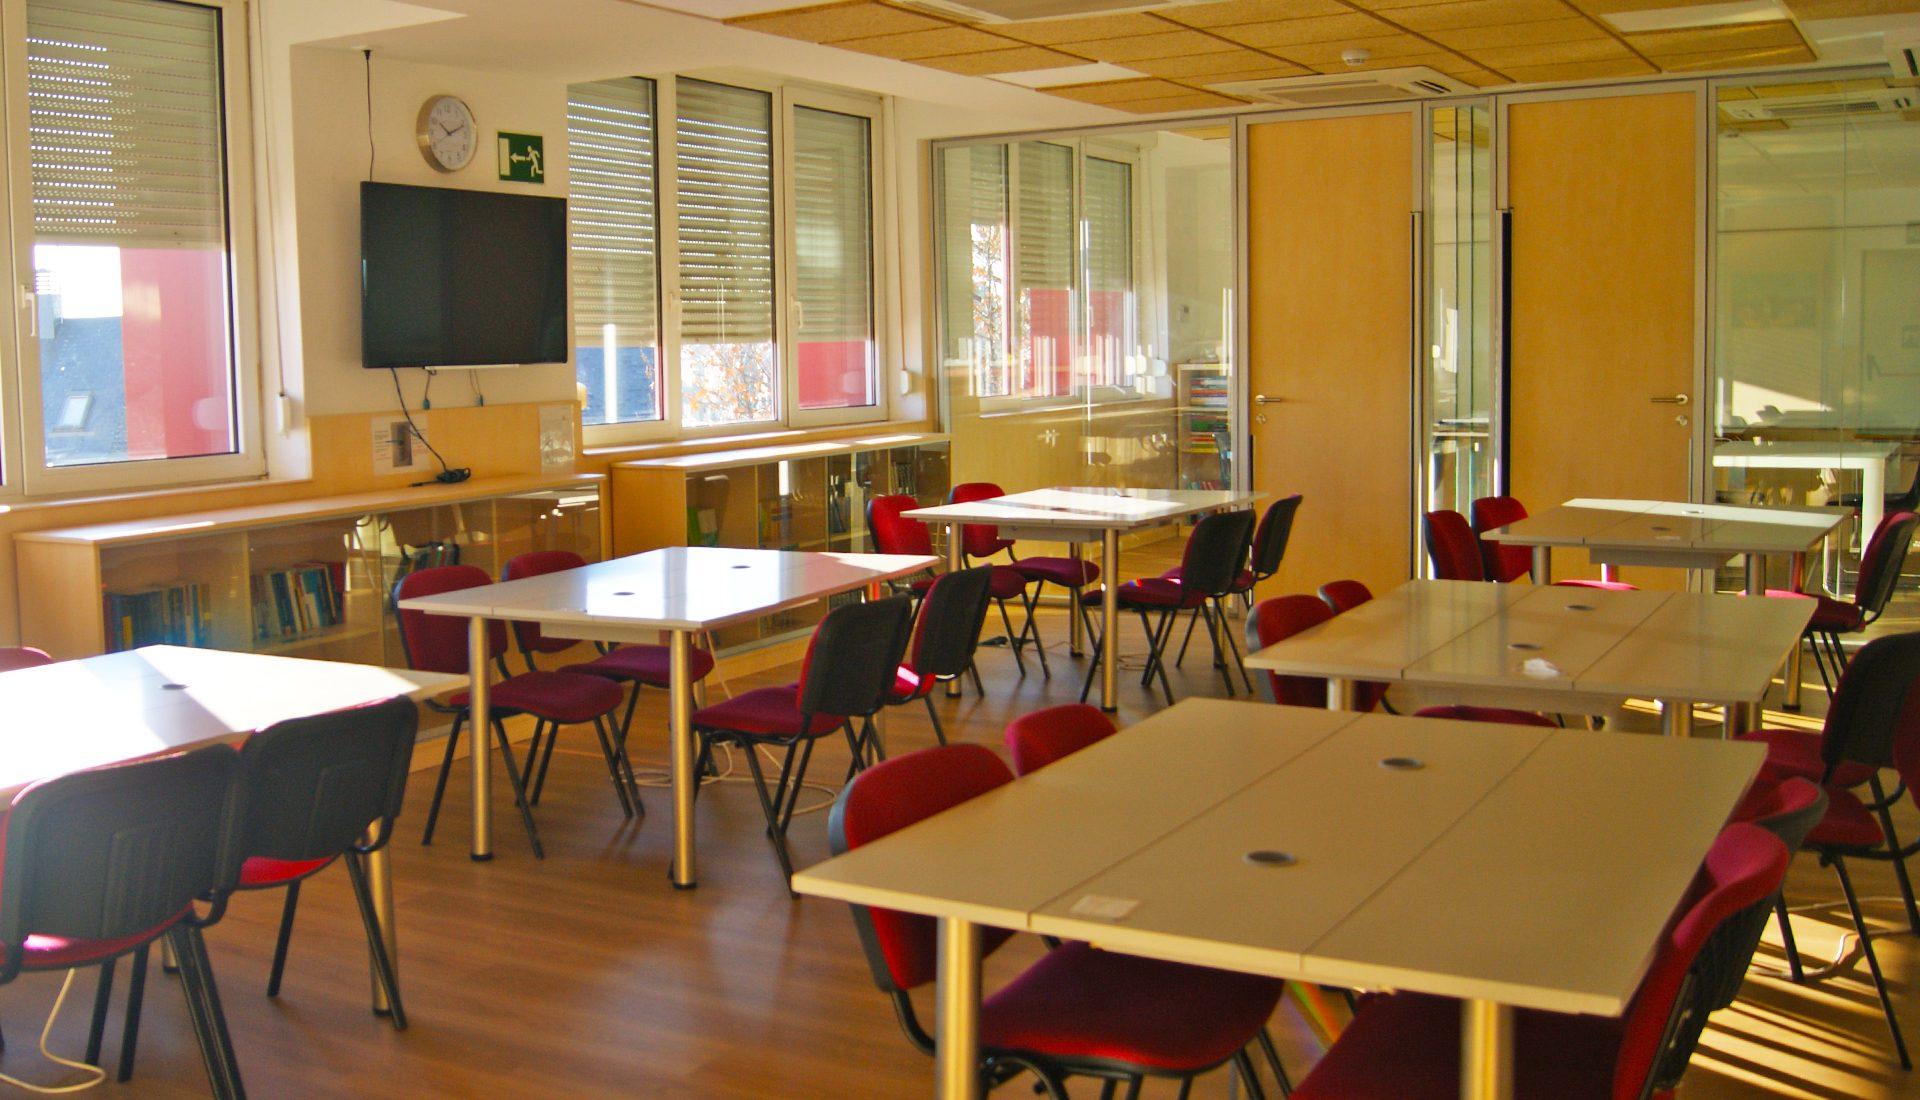 Instalaciones - Learning spaces